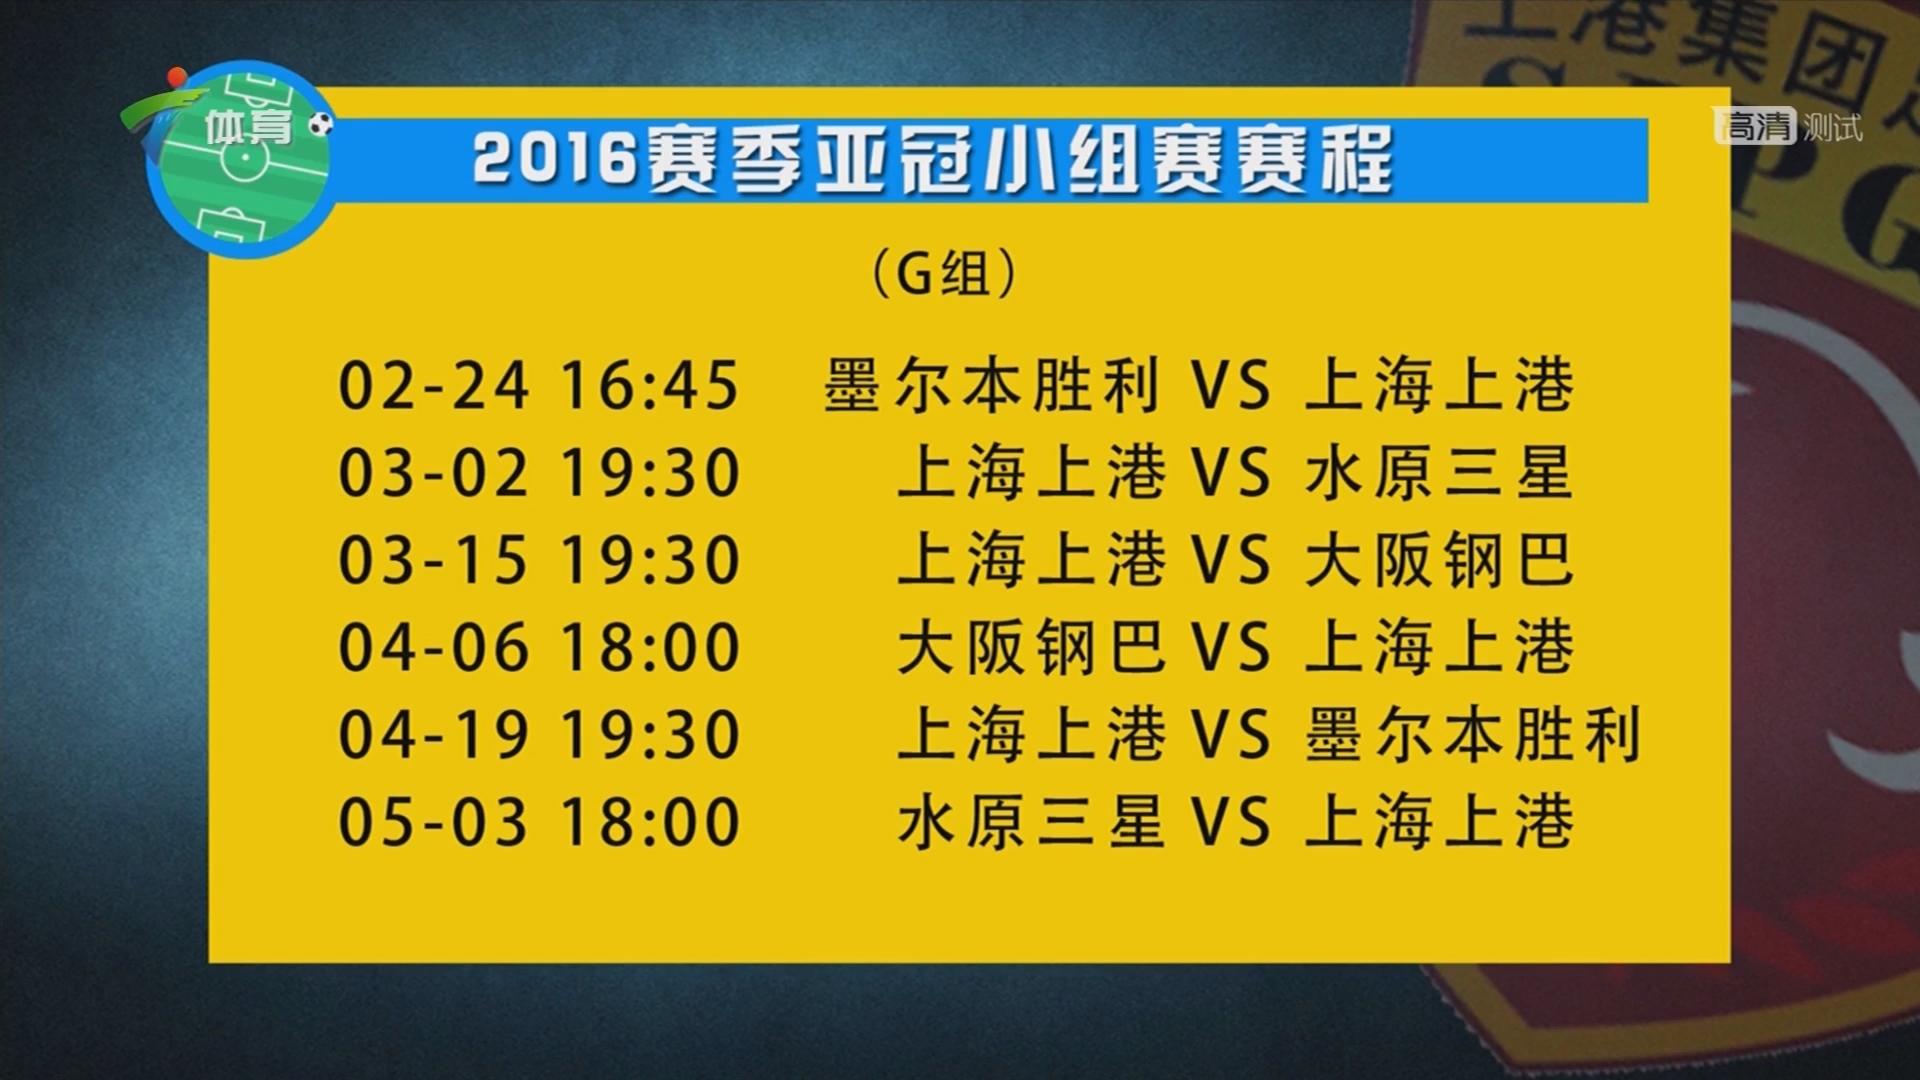 2016赛季亚冠小组赛赛程(G组)